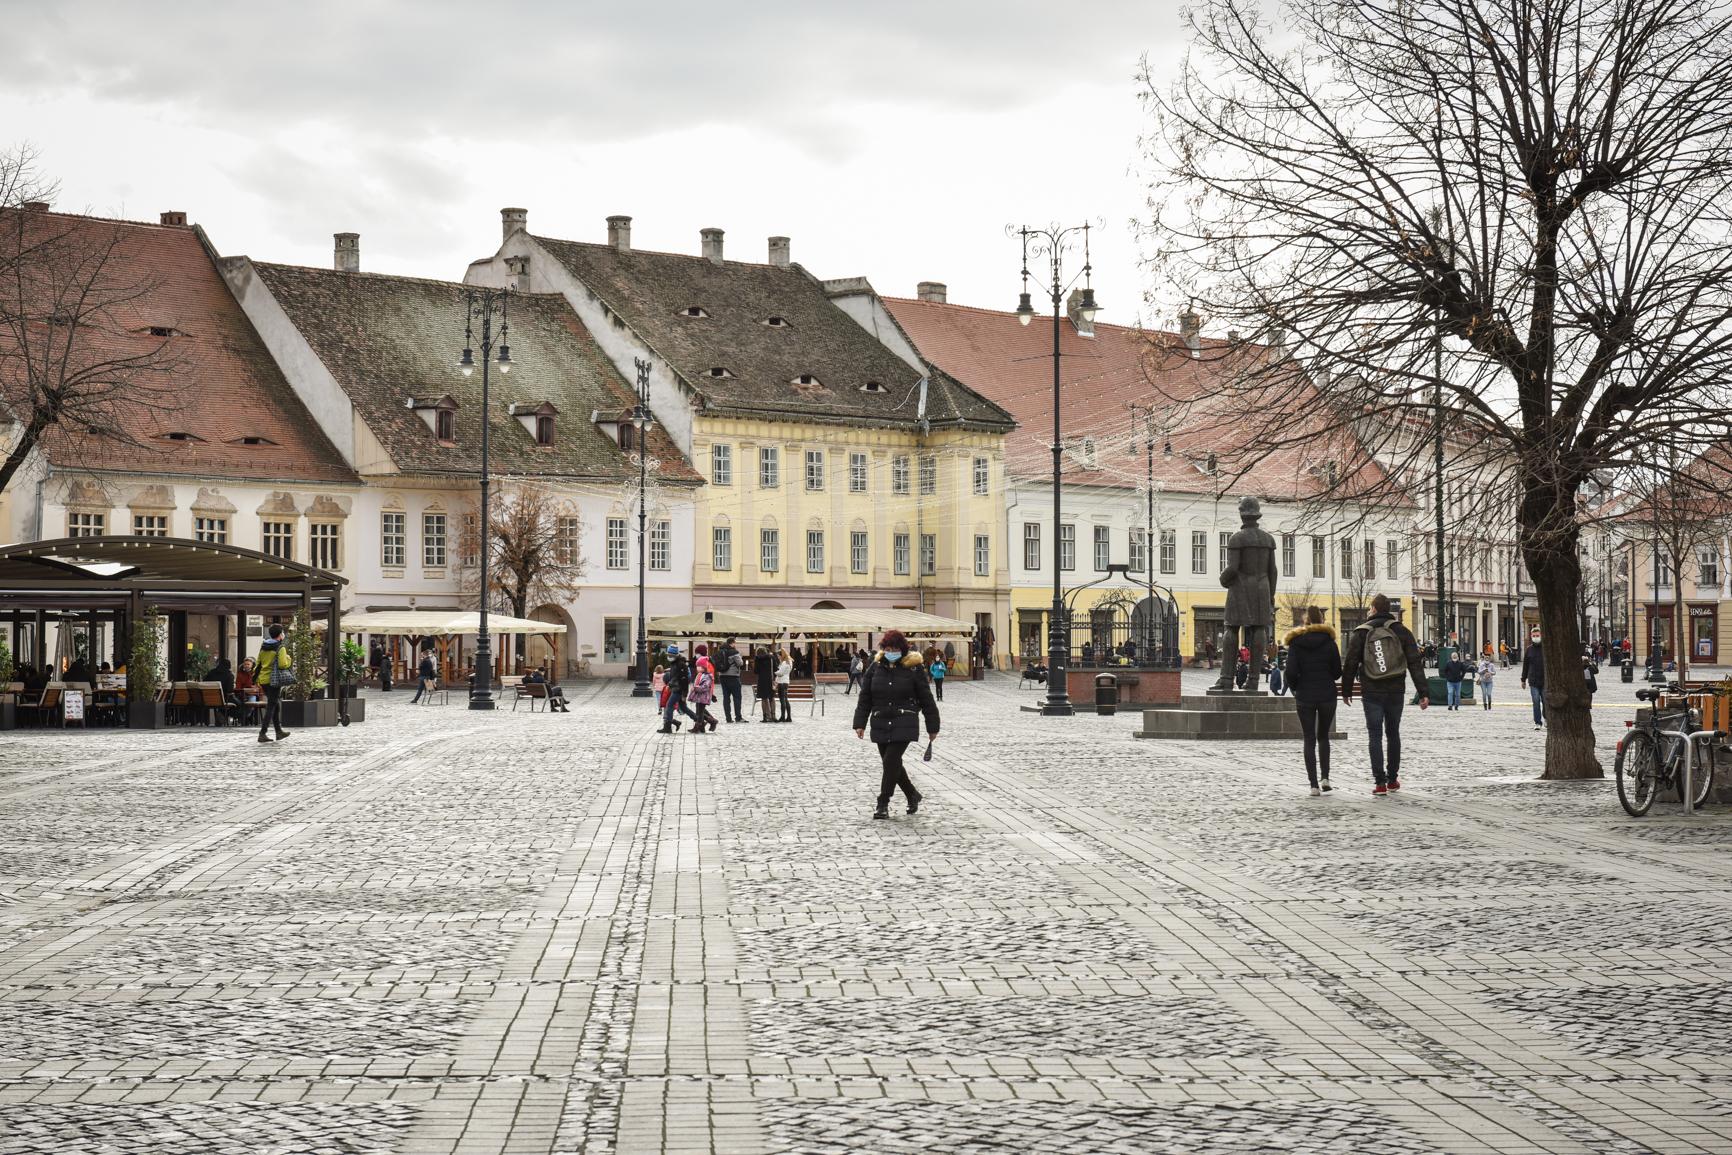 1,38 - rata incidenței în județul Sibiu. Șelimbărul este pe locul șase, iar Sibiul scade la 1,89